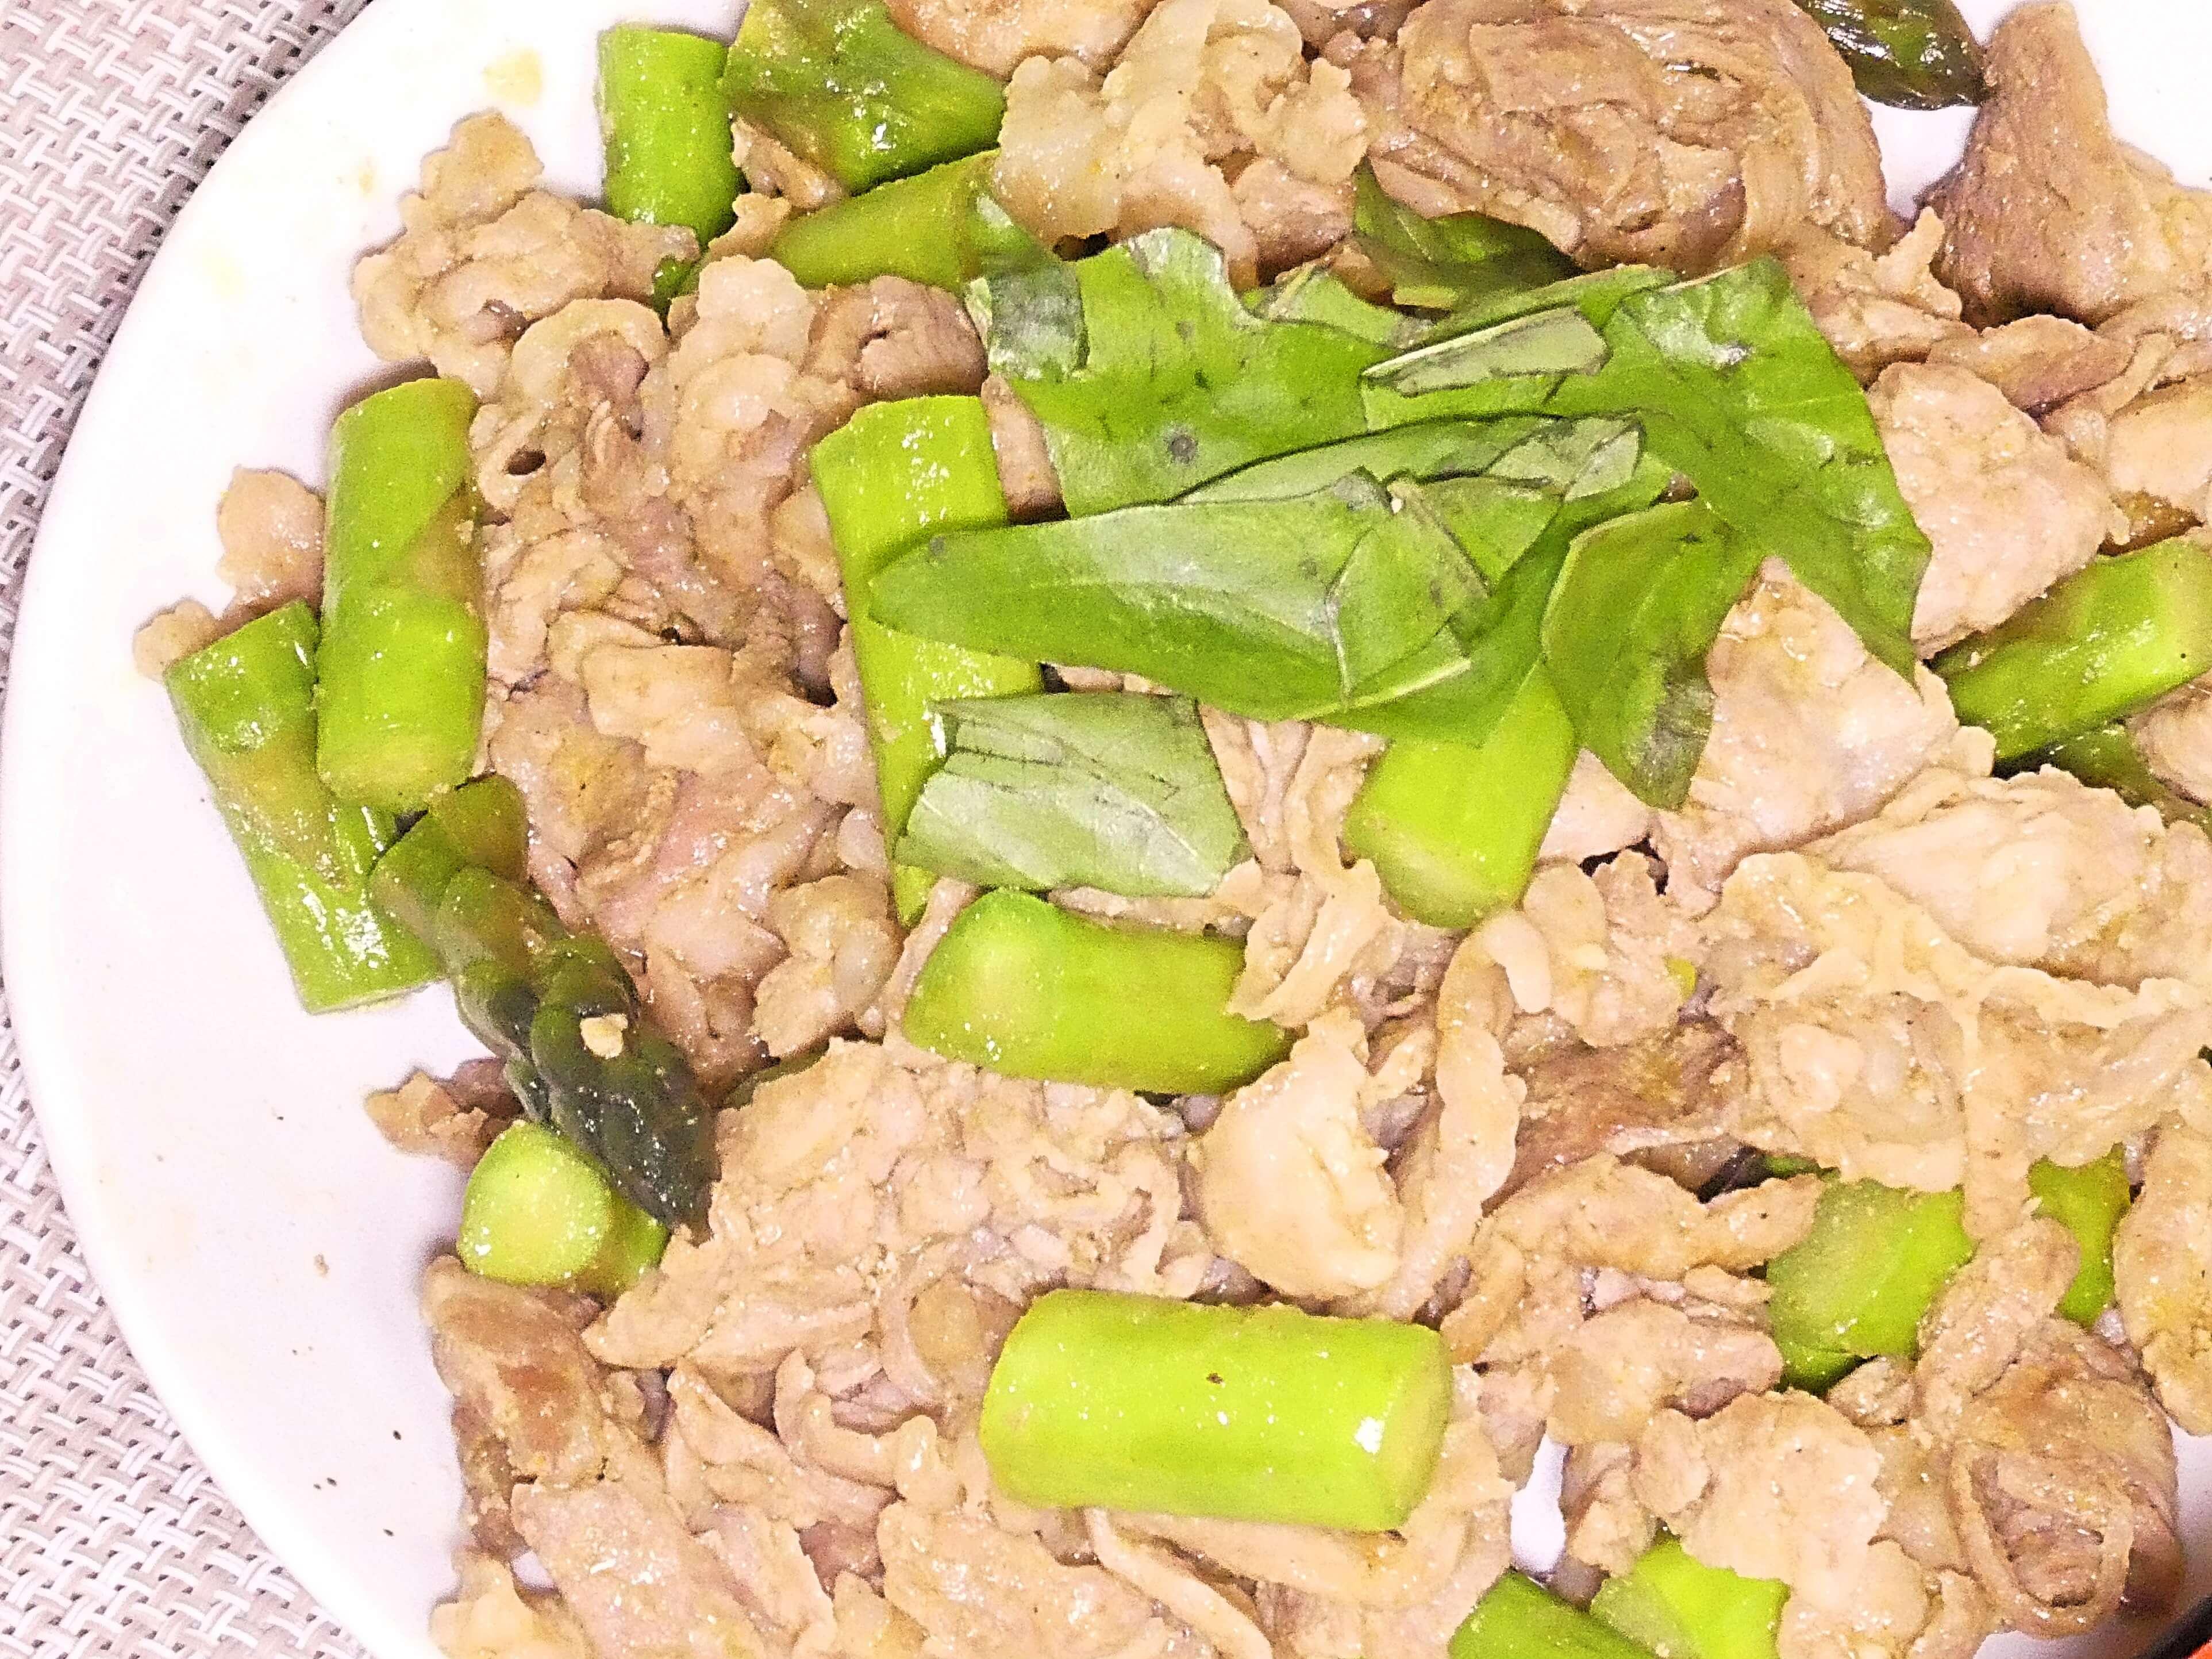 豚肉とおつとめ品アスパラガスのカレー炒め